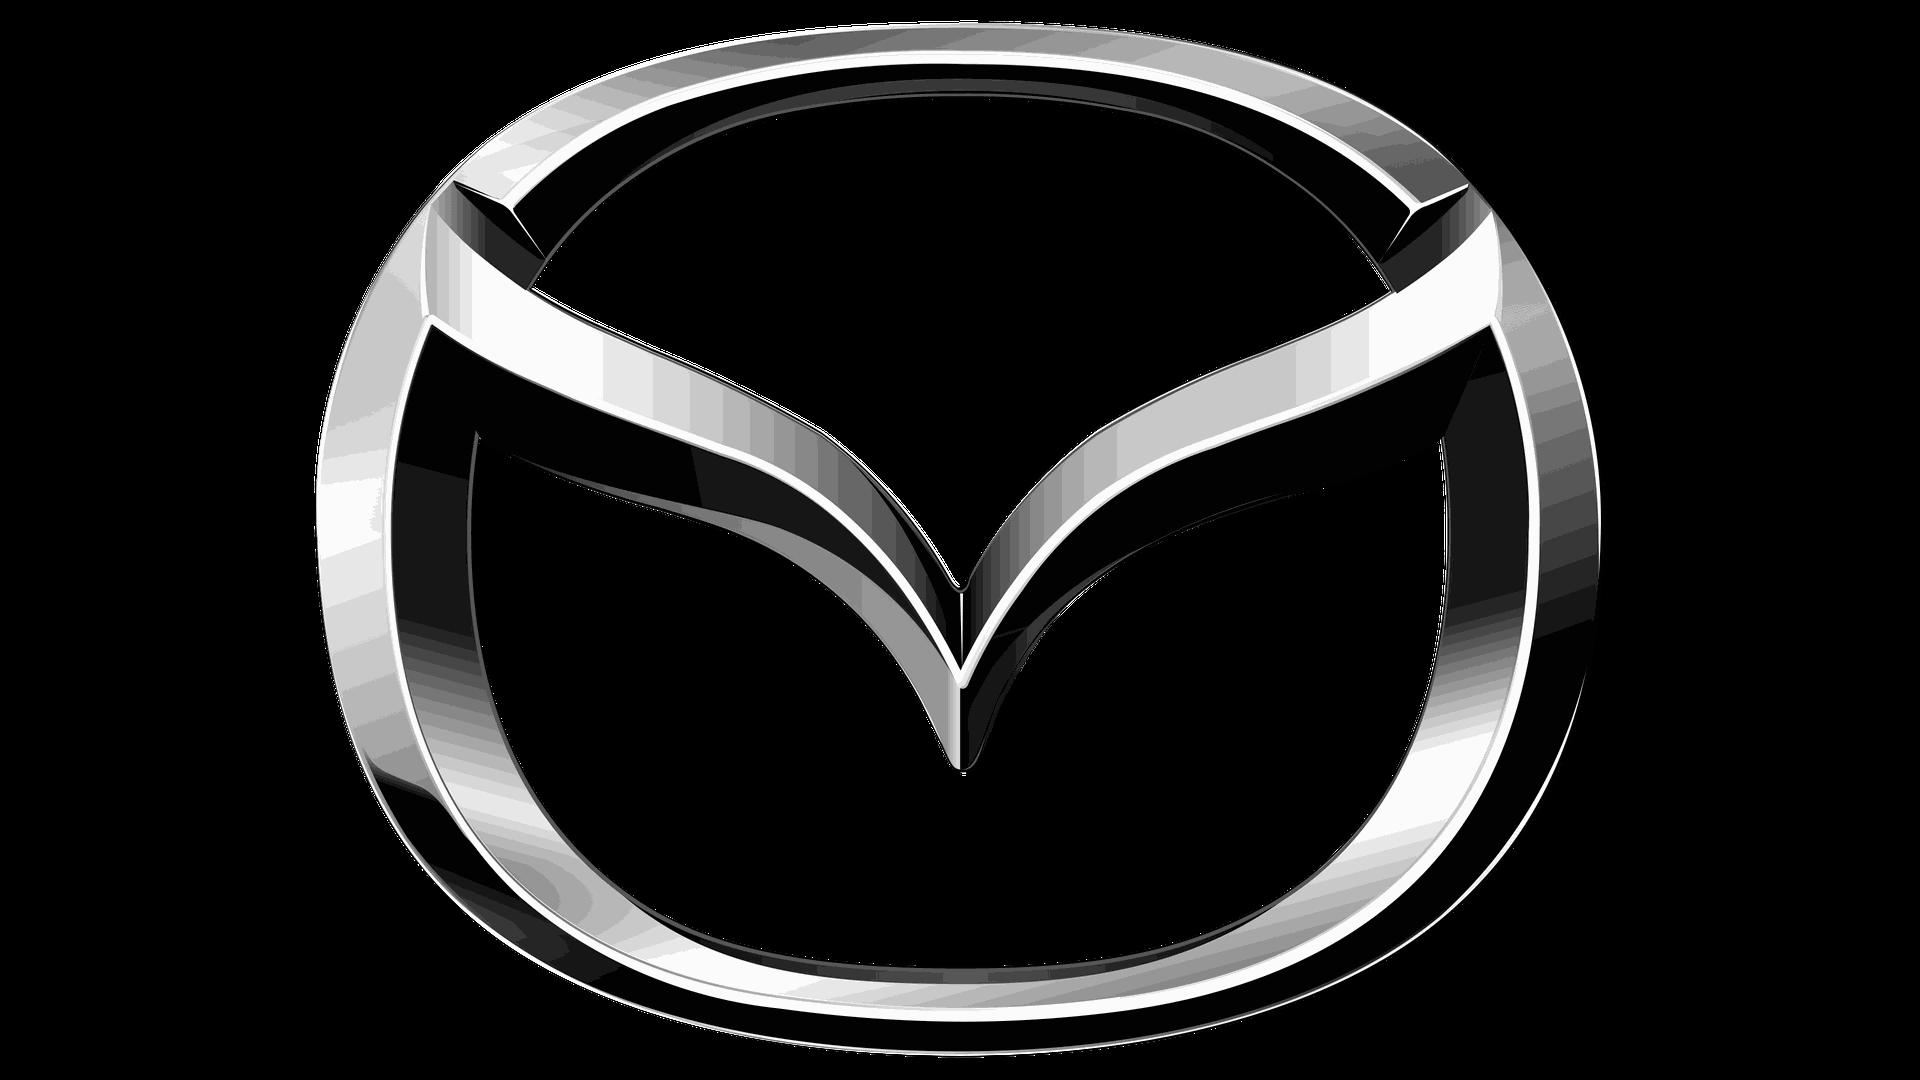 Mazda Reimport EU-Neuwagen günstig kaufen bei autolandpocking.de